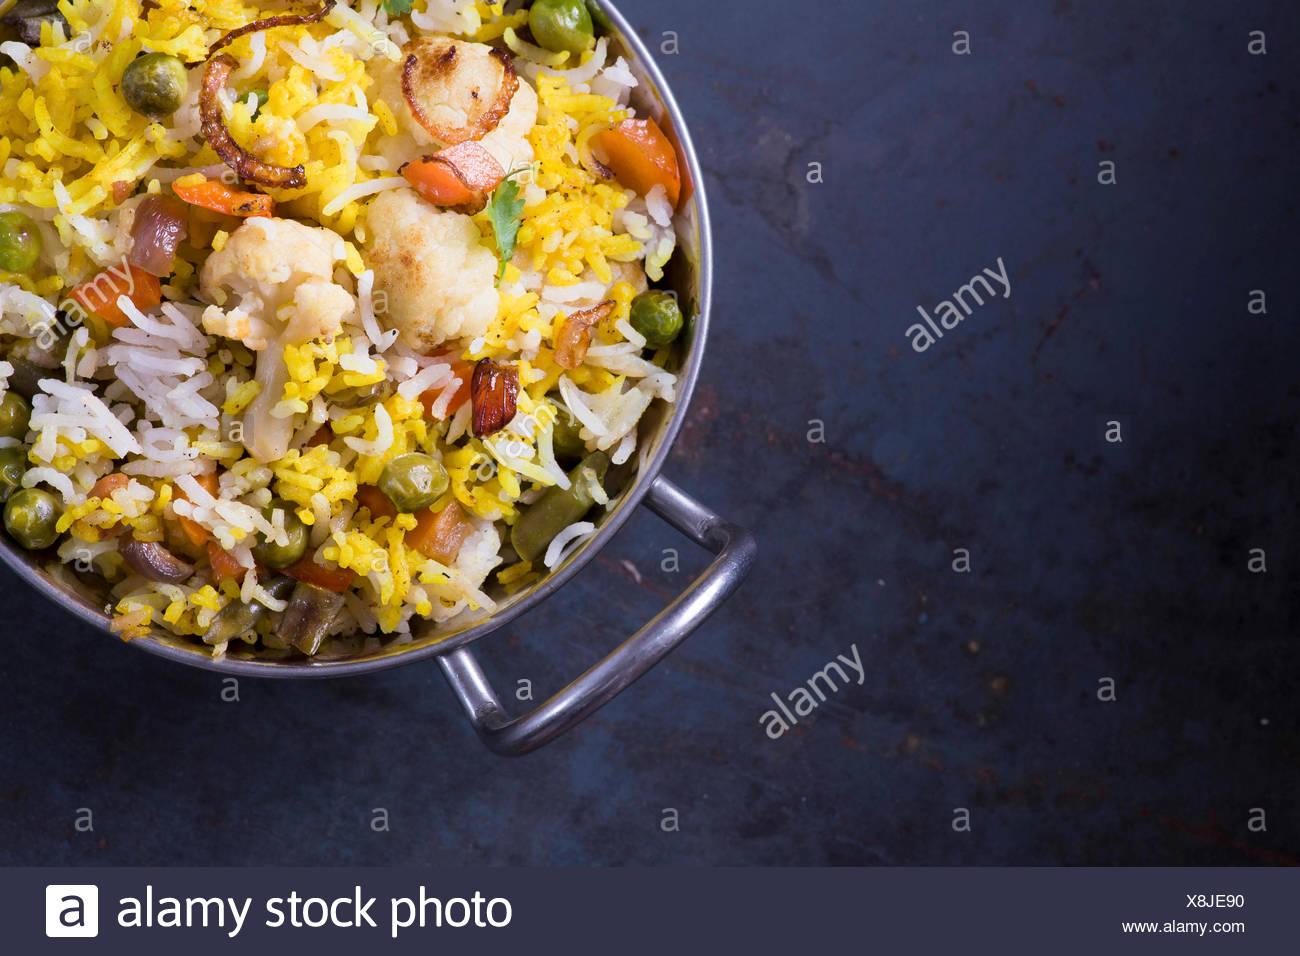 Biryani vegetariano sobre fondo de metal oscuro con espacio de copia Imagen De Stock